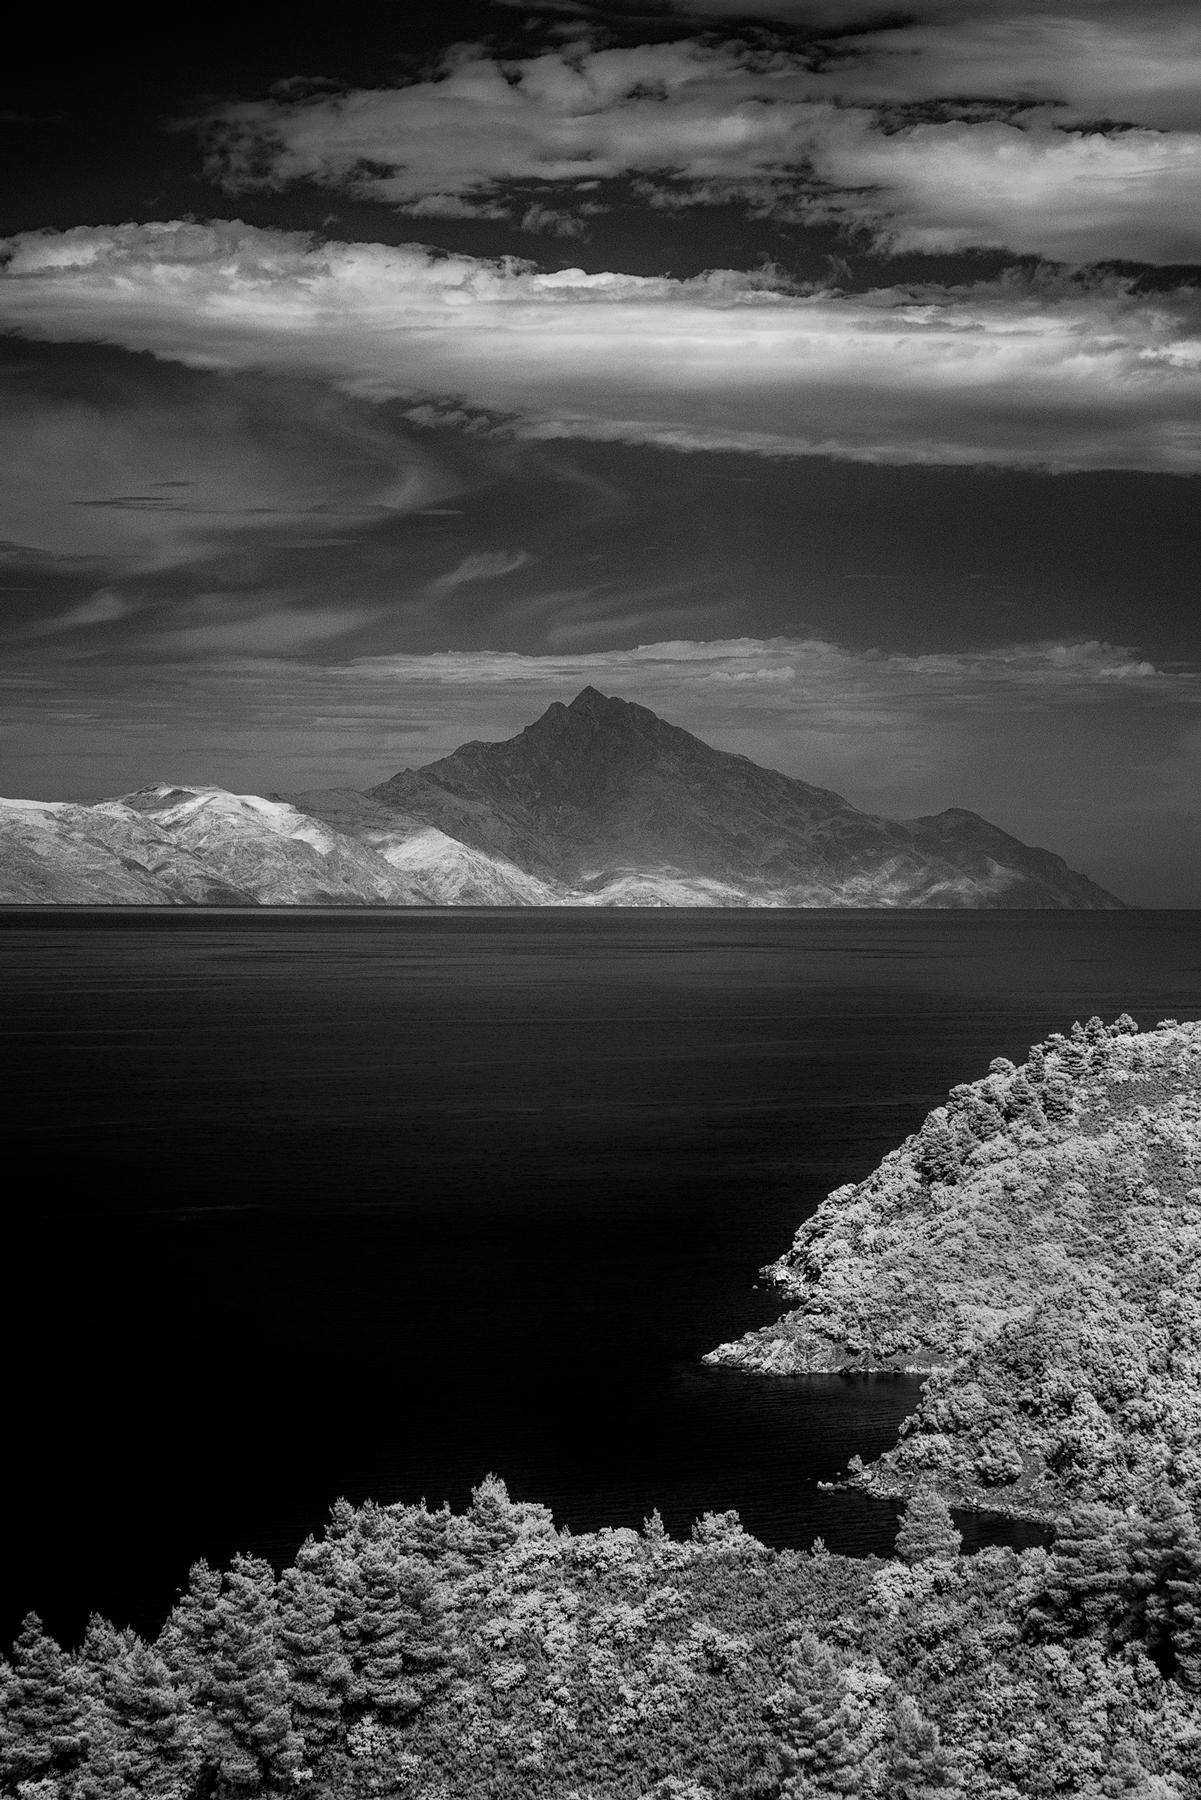 Pepe_Pax_Mount Athos from Metochi Koutloumousiou.jpg